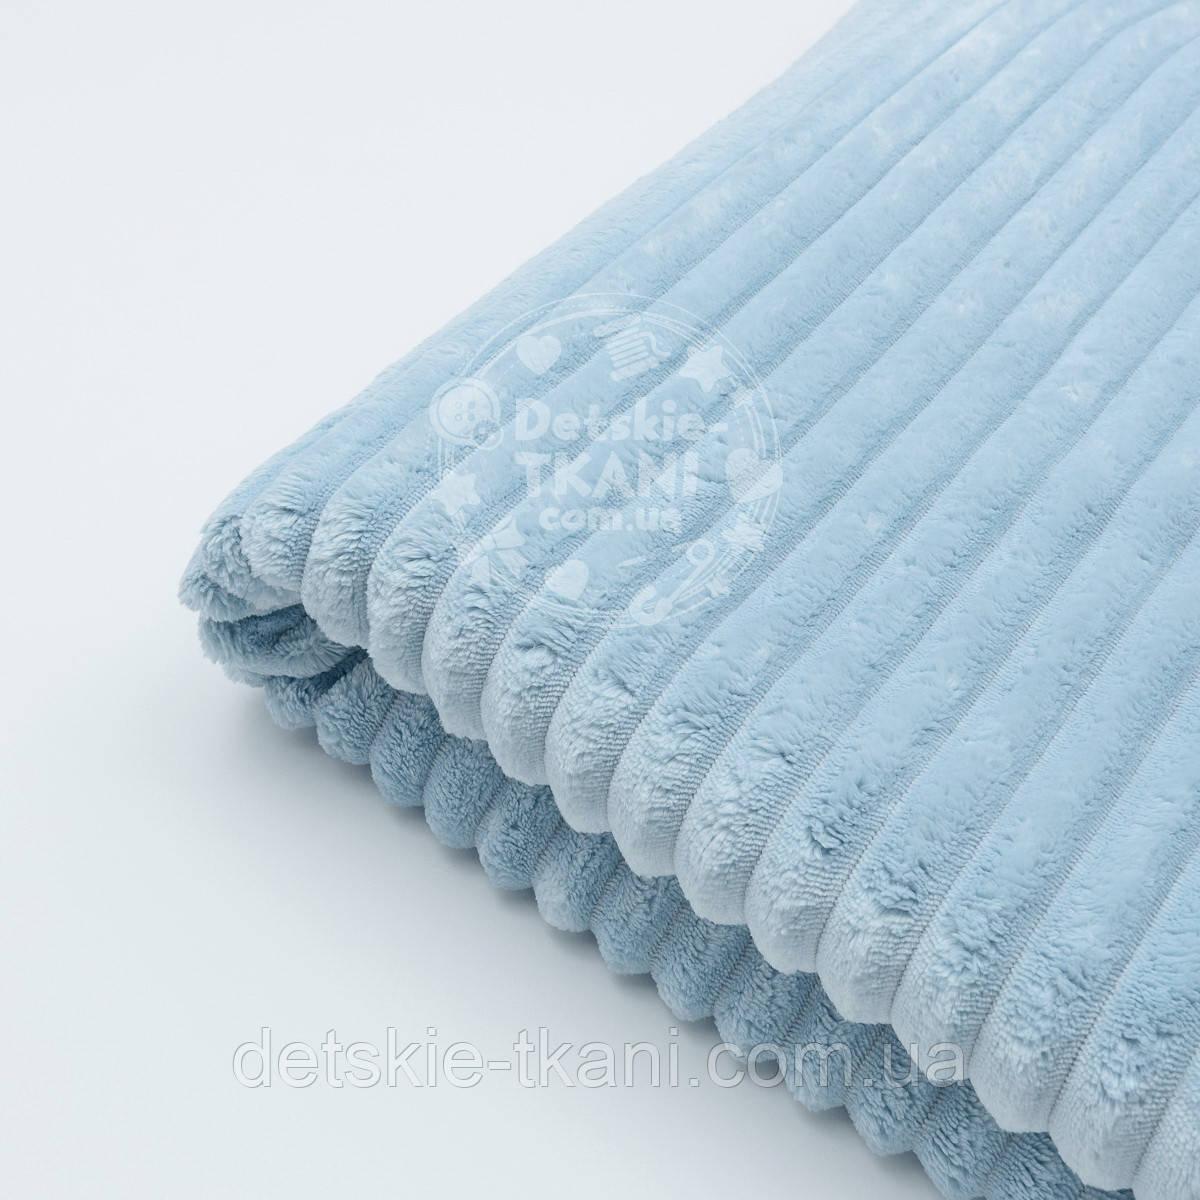 Лоскут плюша в полоску Stripes, цвет бледно-голубой, размер 70*80 см